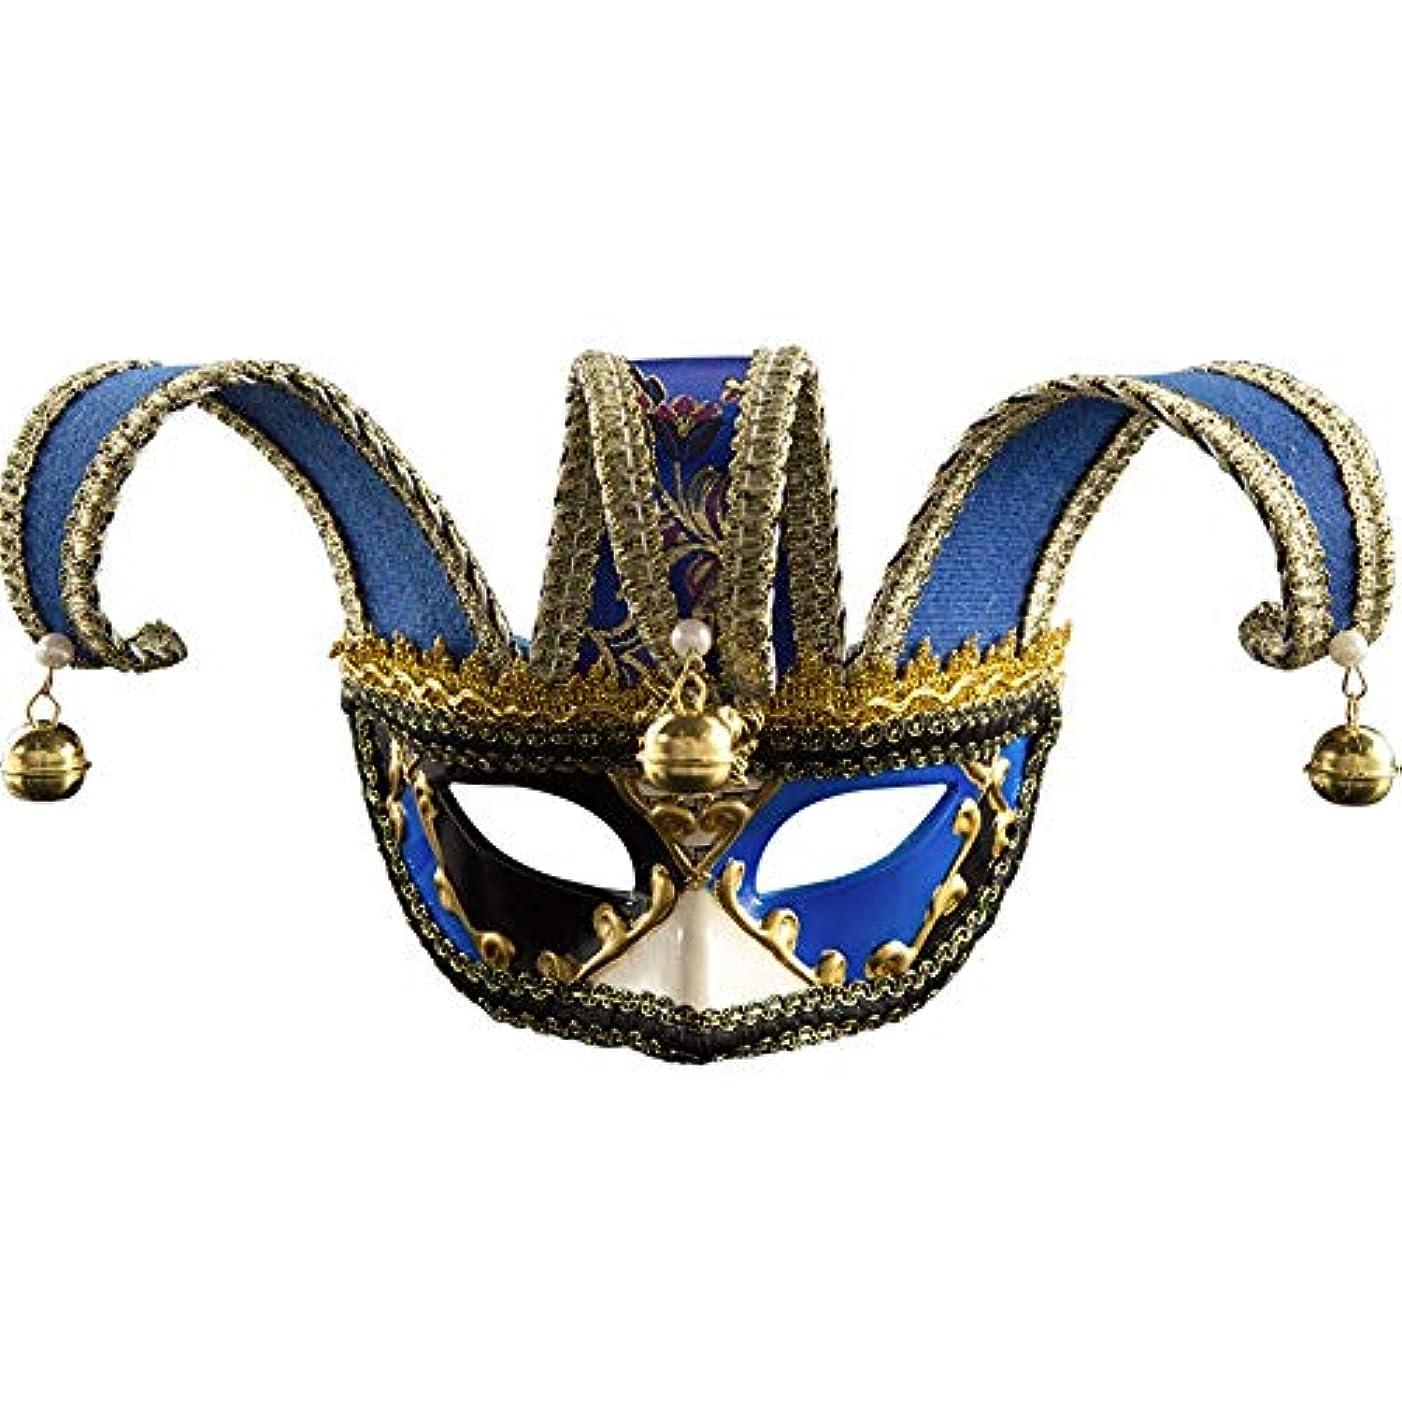 キャプテンブライ誘惑関数ダンスマスク ナイトクラブ音楽カーニバルマスク雰囲気クリスマスフェスティバルプラスチックマスクイブニングパーティーボール ホリデーパーティー用品 (色 : 青, サイズ : 16.5x29cm)